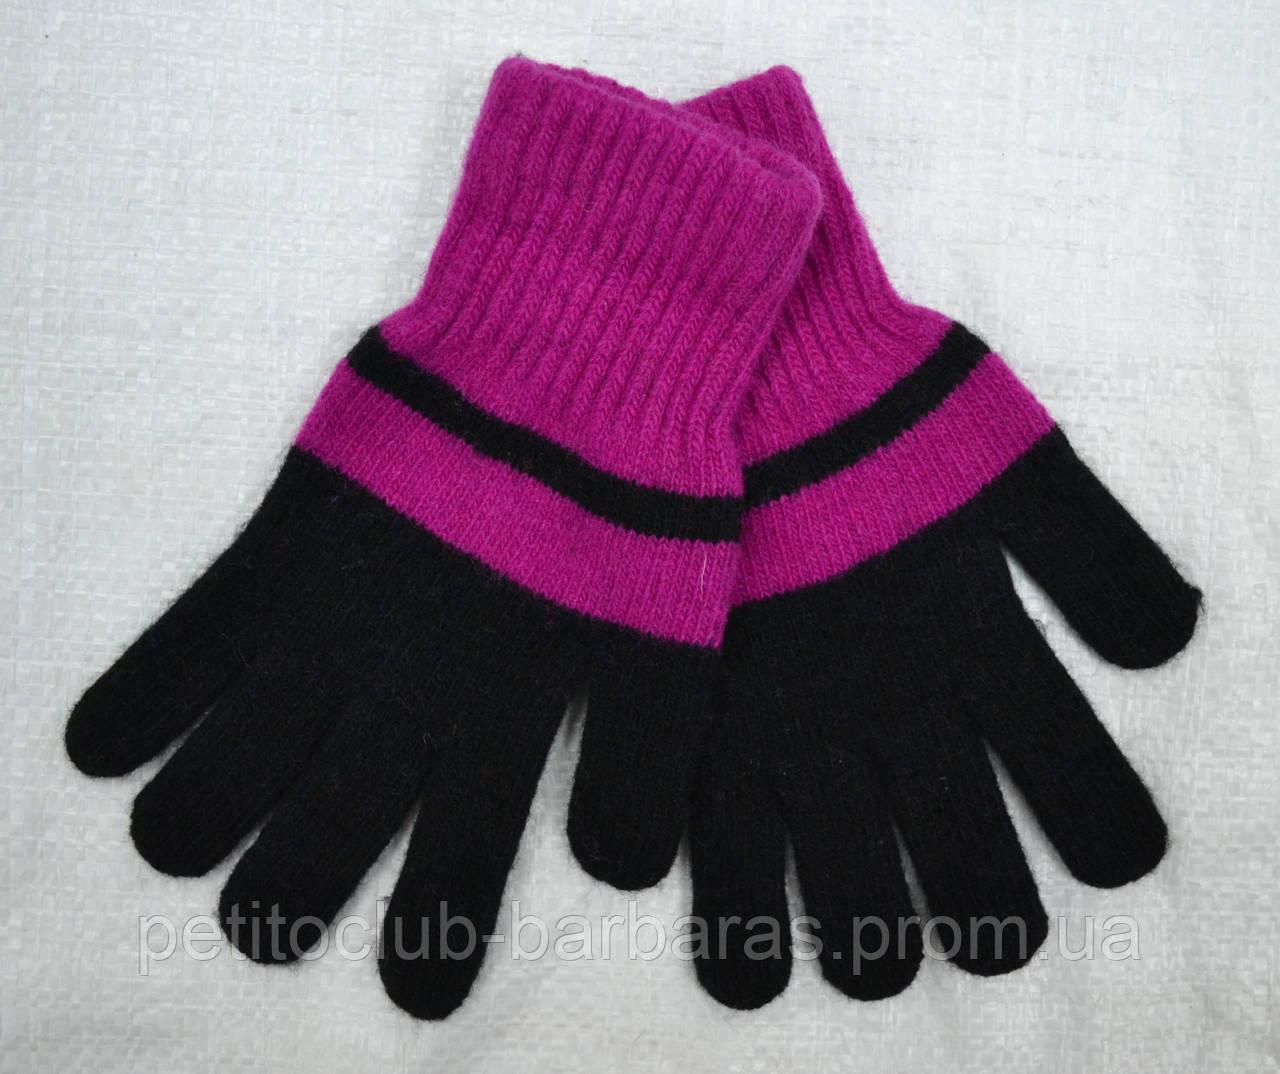 Перчатки для девочки Big Laura шерстяные черно-фиолетовые (MargotBis, Польша)